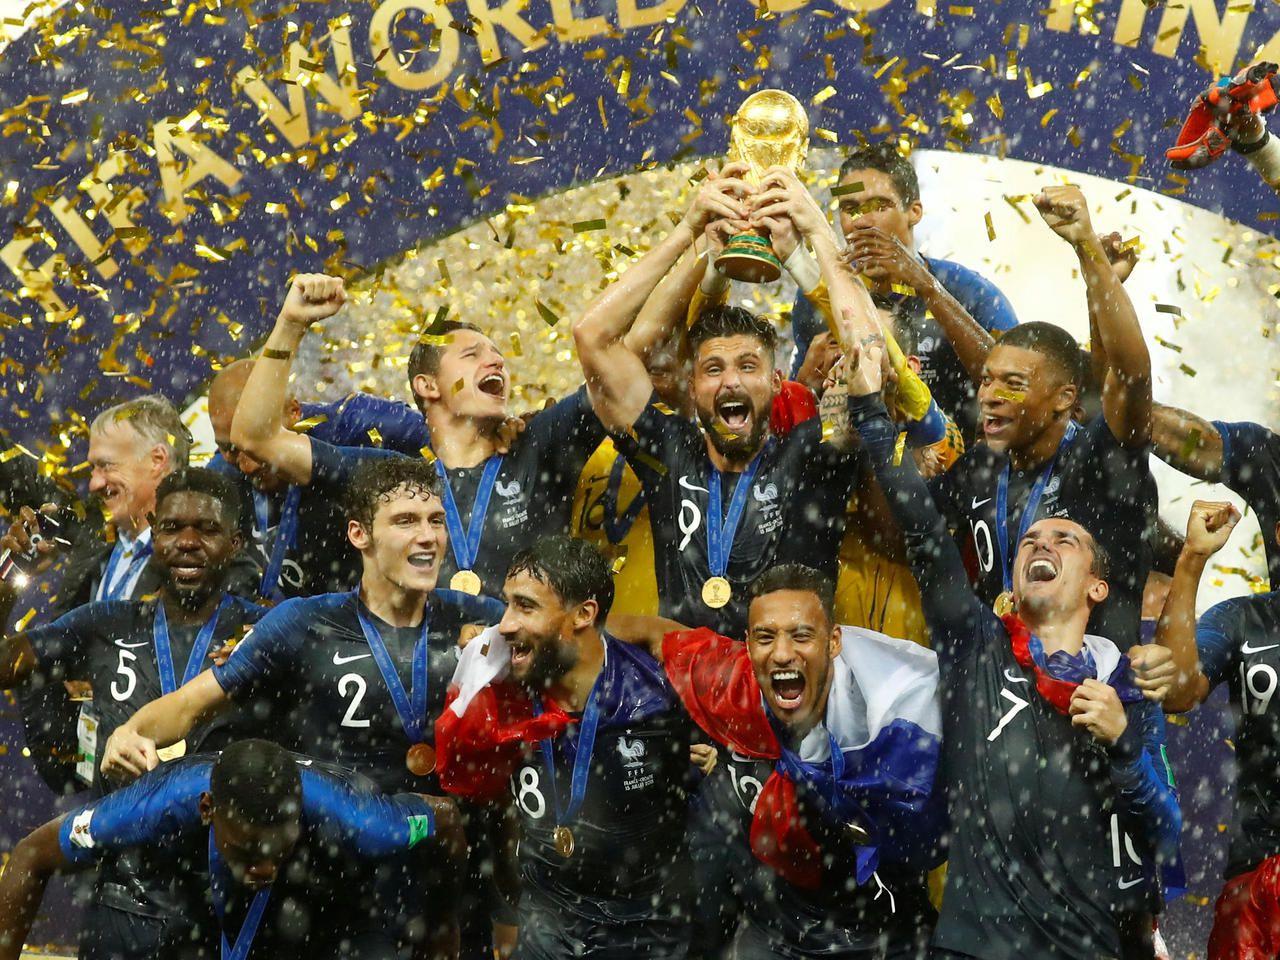 Les incroyables images des Bleus avec le trophée sous des trombes d'eau https://t.co/Ro6wi9PTIG https://t.co/2AS26GoYI7